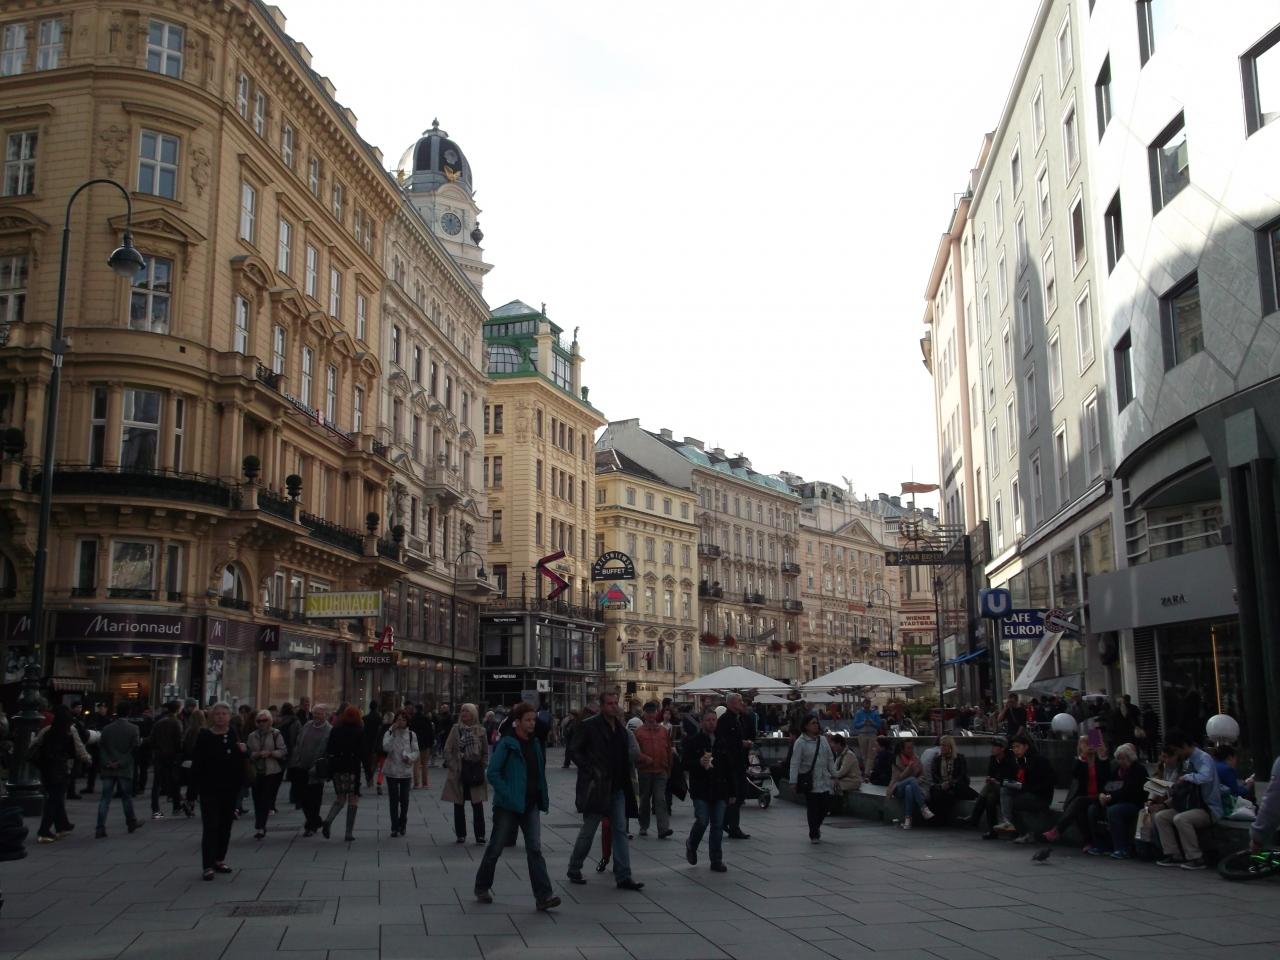 ウィーン歴史地区の画像 p1_39